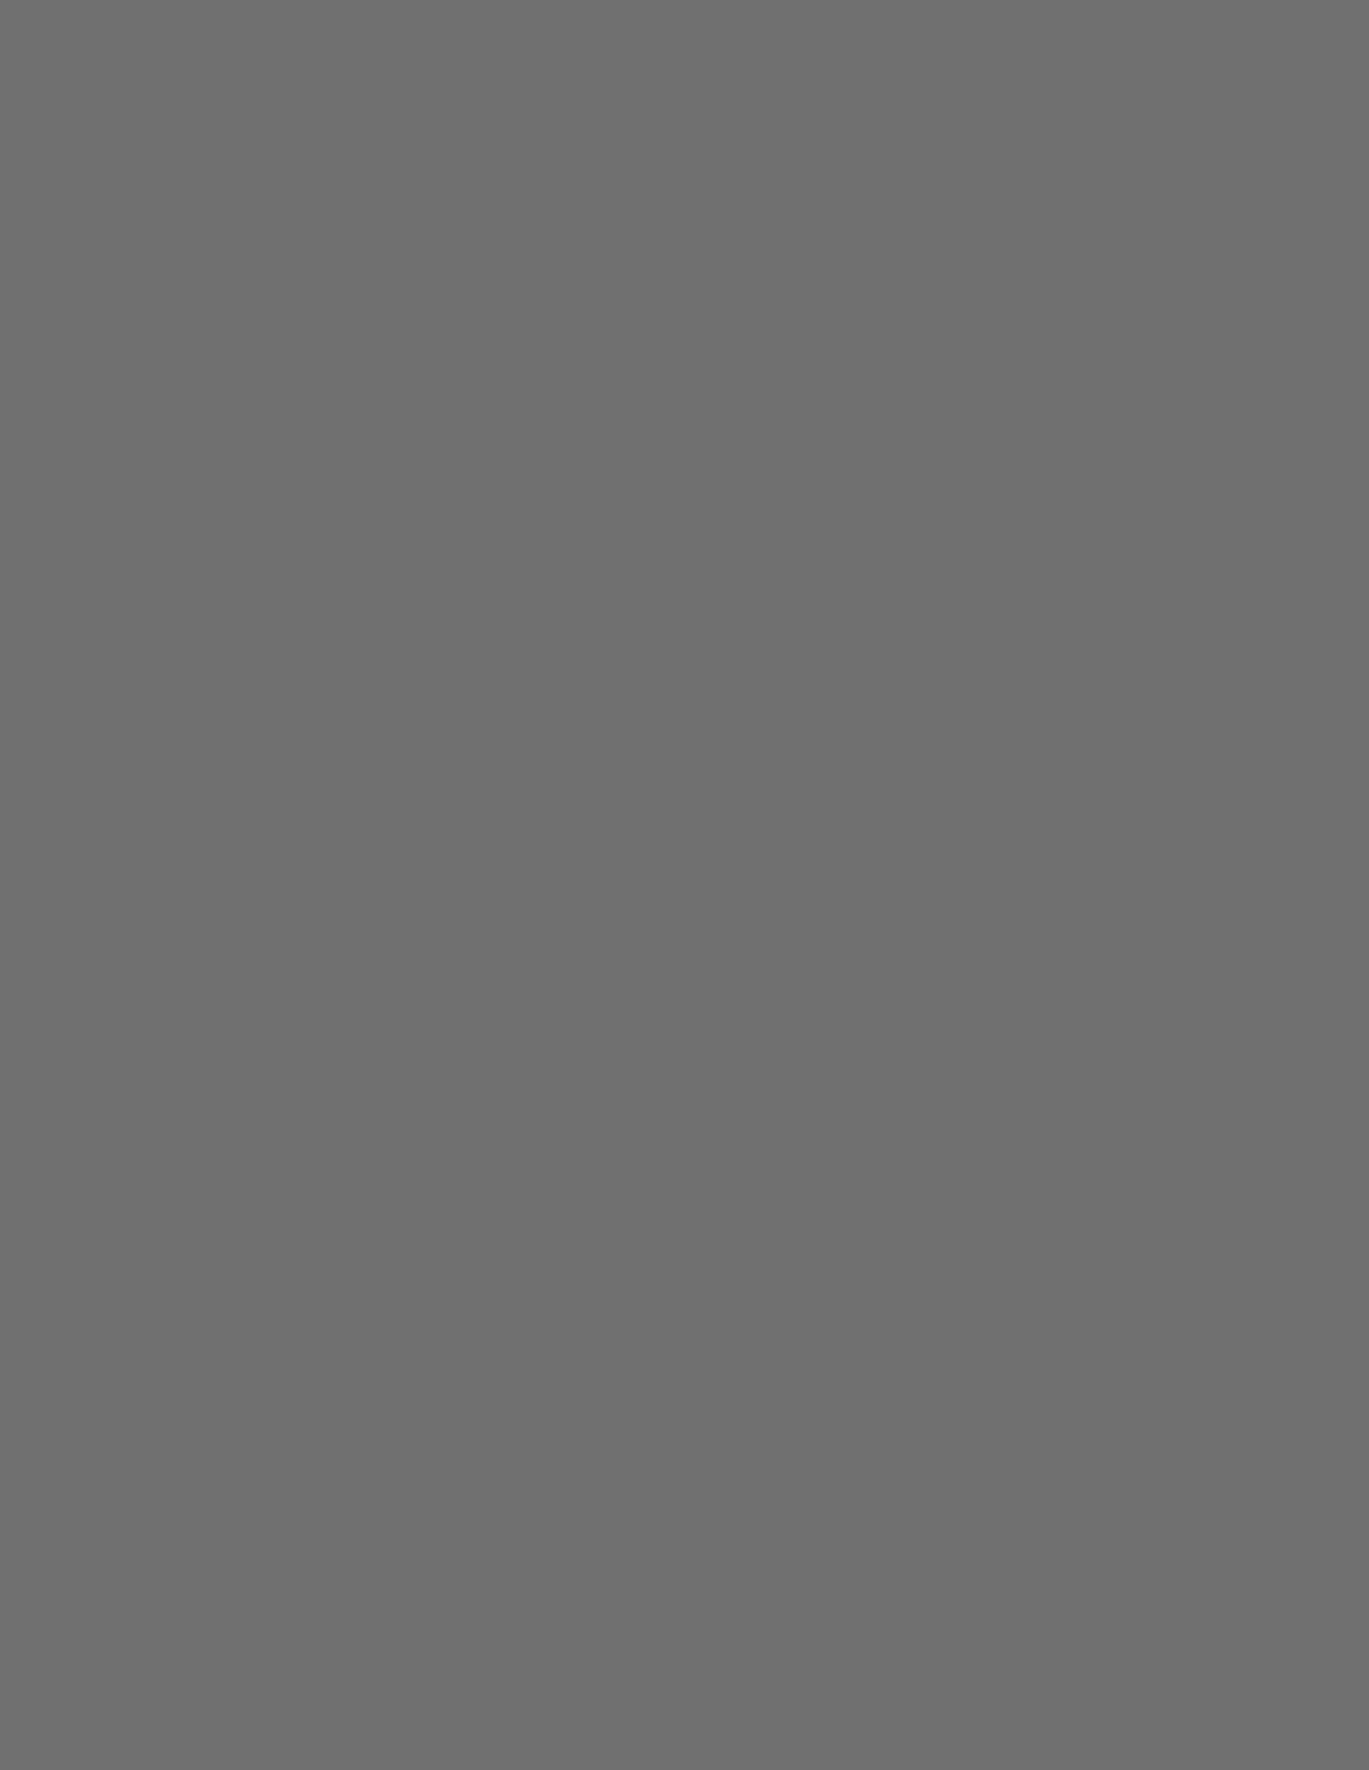 Константин Мельников - УЧЕНИК МОСКОВСКОГО УЧИЛИЩА ВАЯНИЯ И ЗОДЧЕСТВА